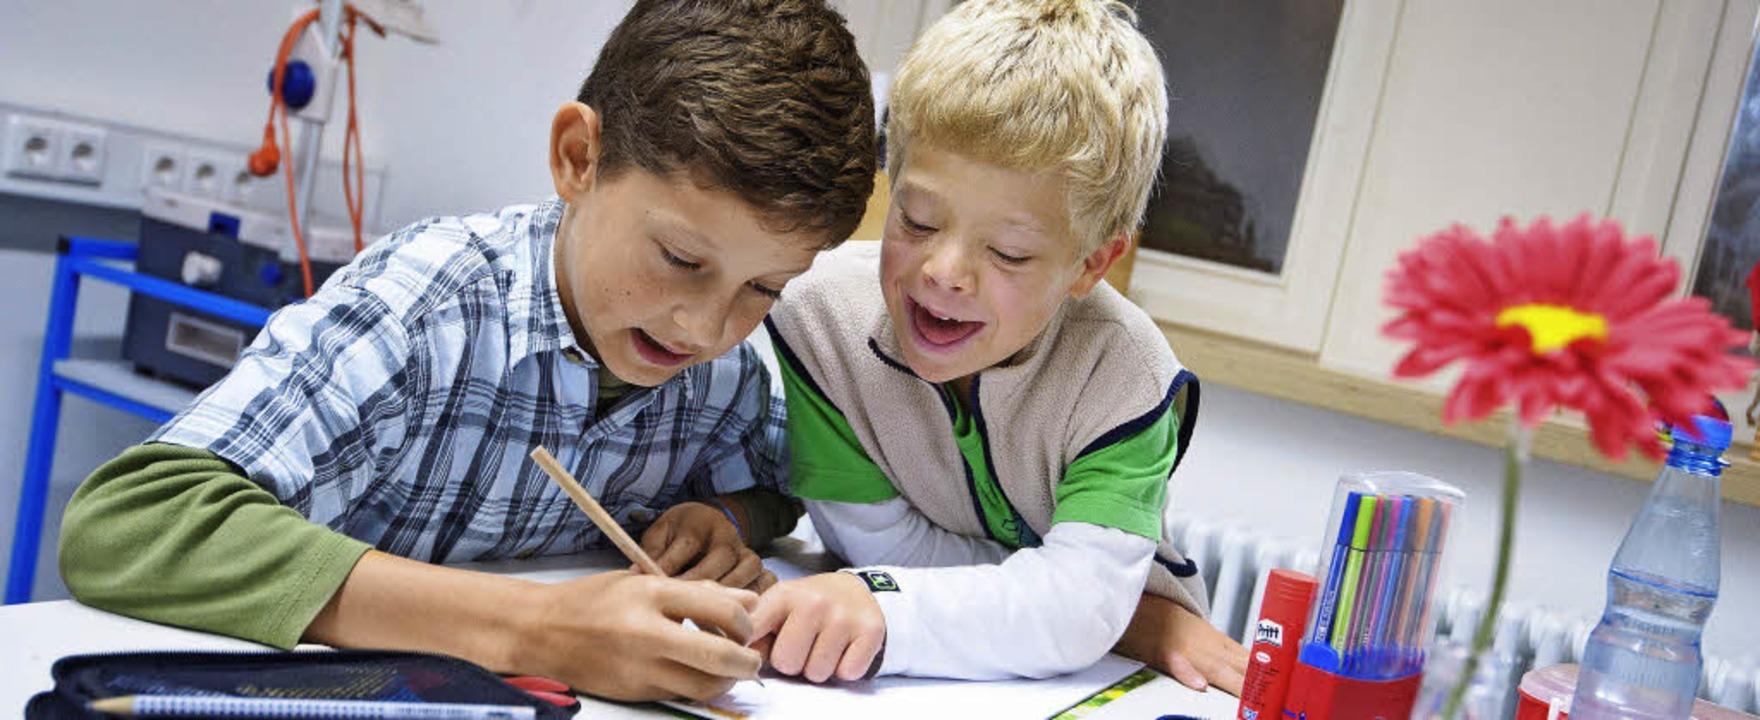 Das selbstverständliche Miteinander vo...rweise in Kindergarten und Schule an.   | Foto: dpa